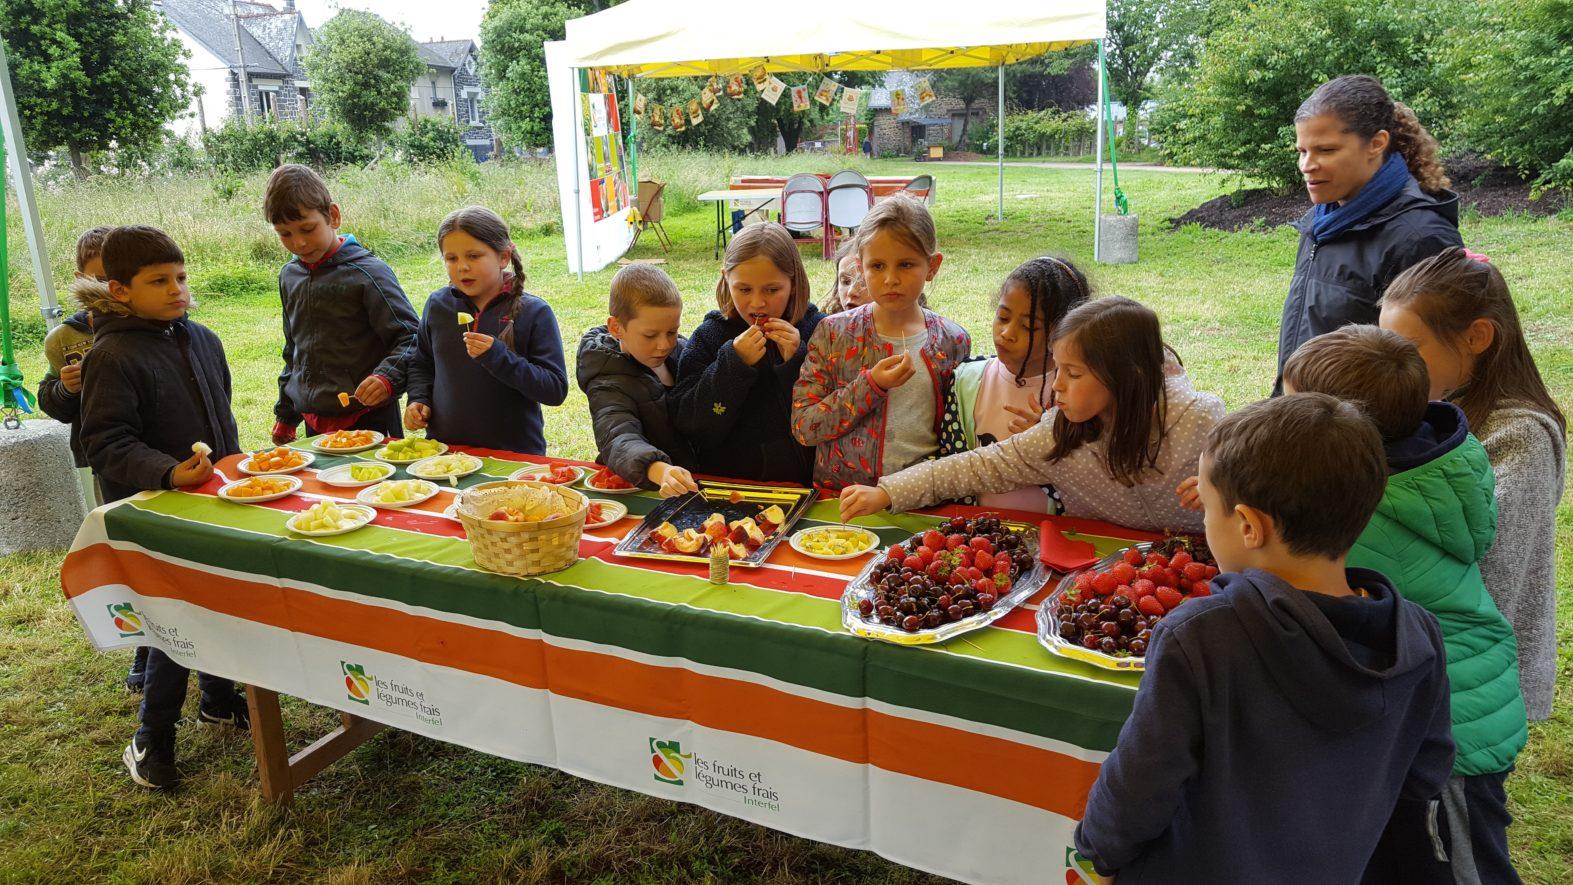 Les CE1 à la fête des fruits et des légumes frais